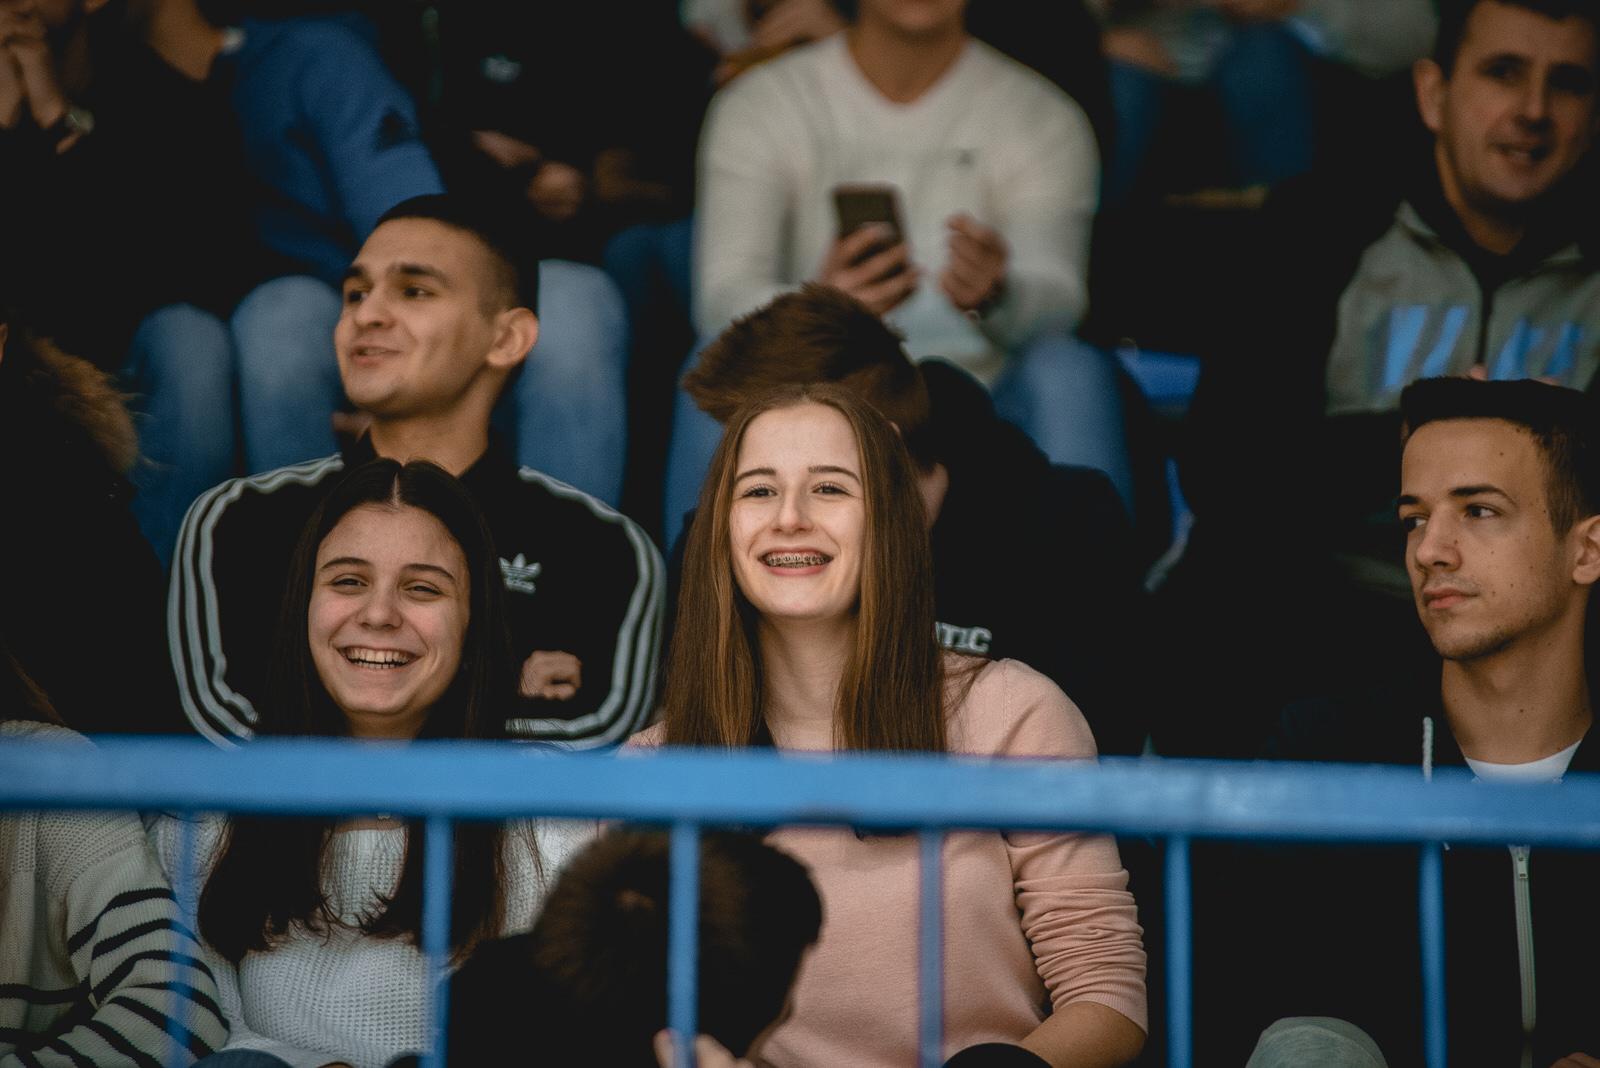 likaclub_gospić_zimski-malonogometni-turnir-2018-19-11